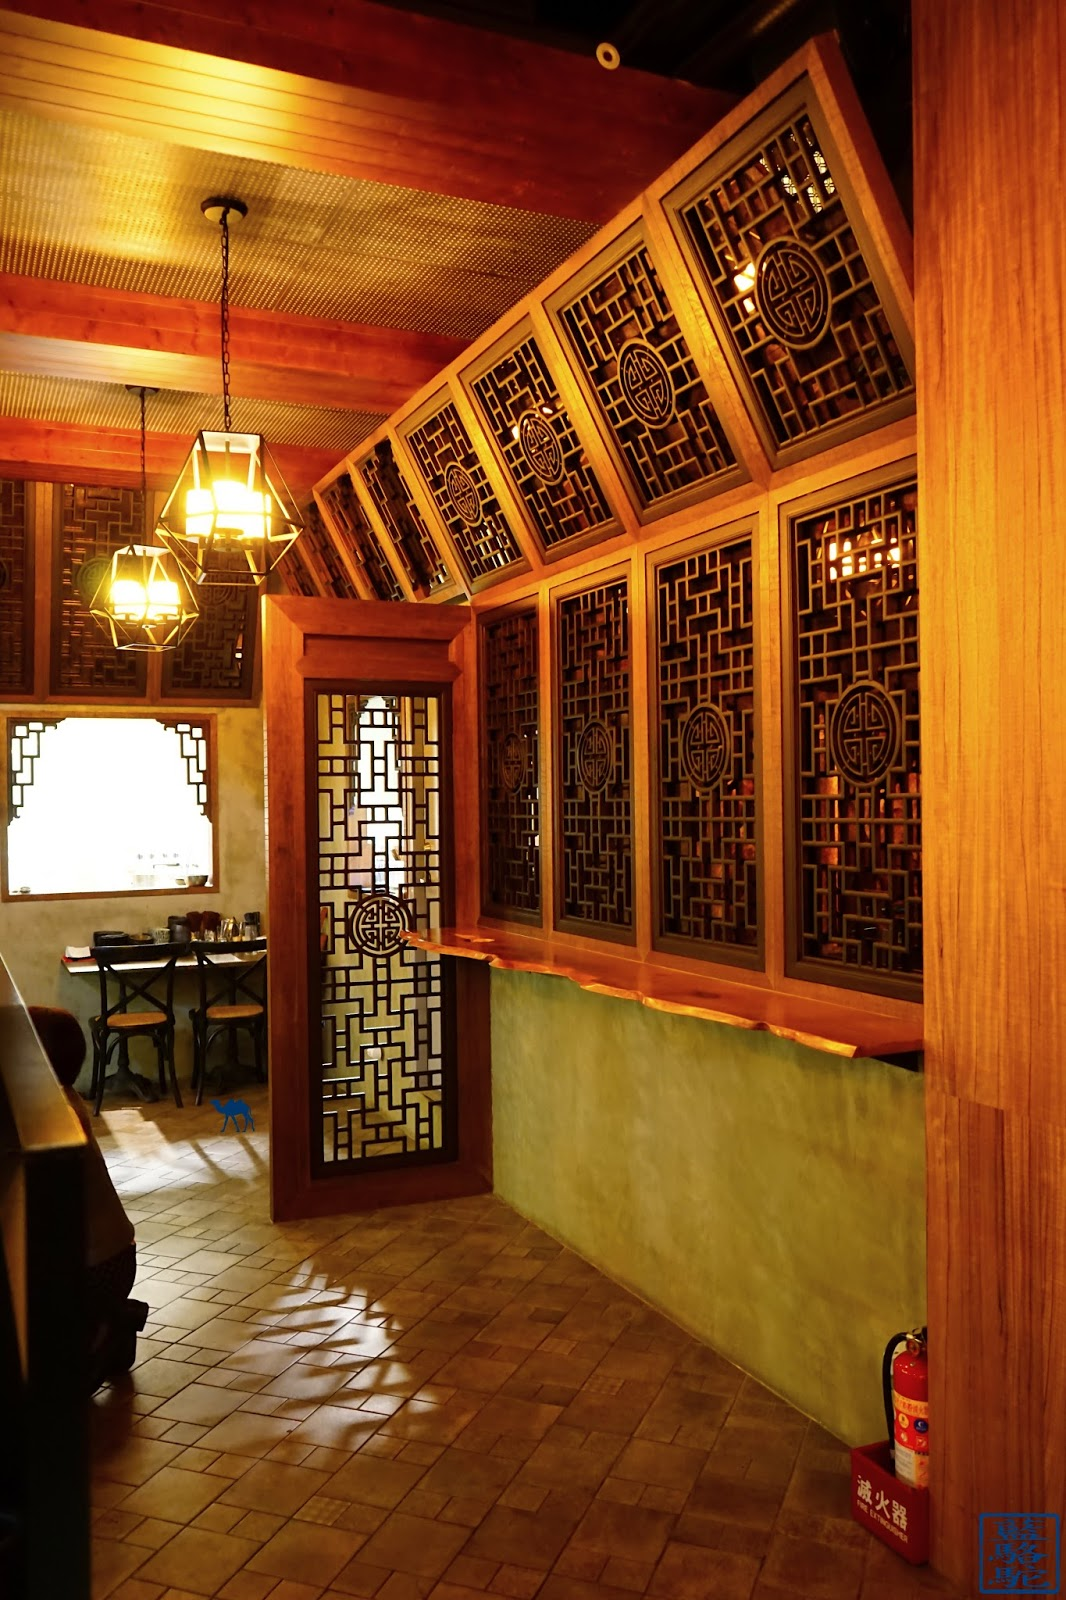 Le Chameau Bleu - Salle du R&D Cocktail Lab - Taipei - Voyage à Taiwan